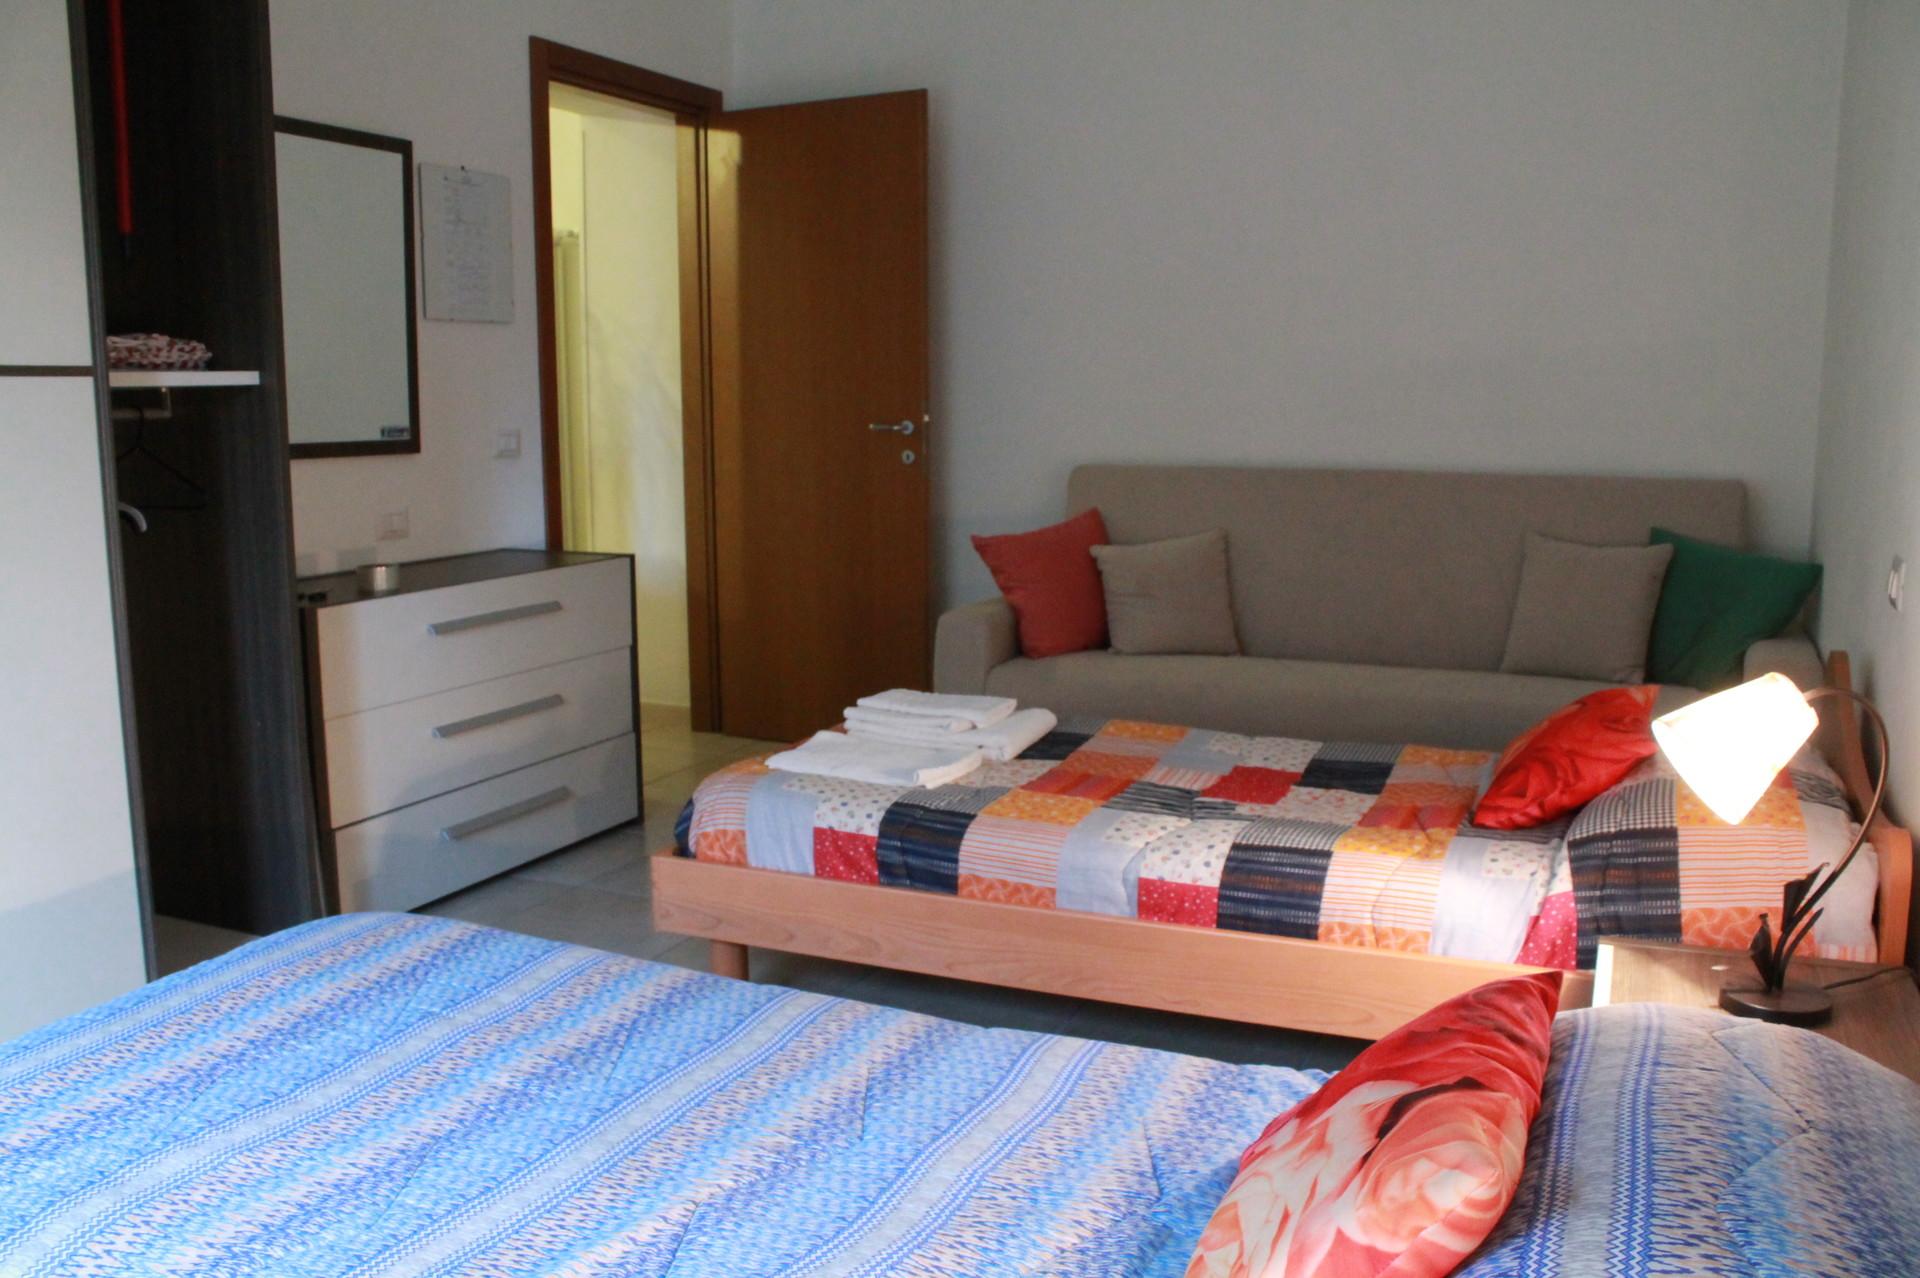 Appartamento Verona posto auto wifi e tutte le spese incluse